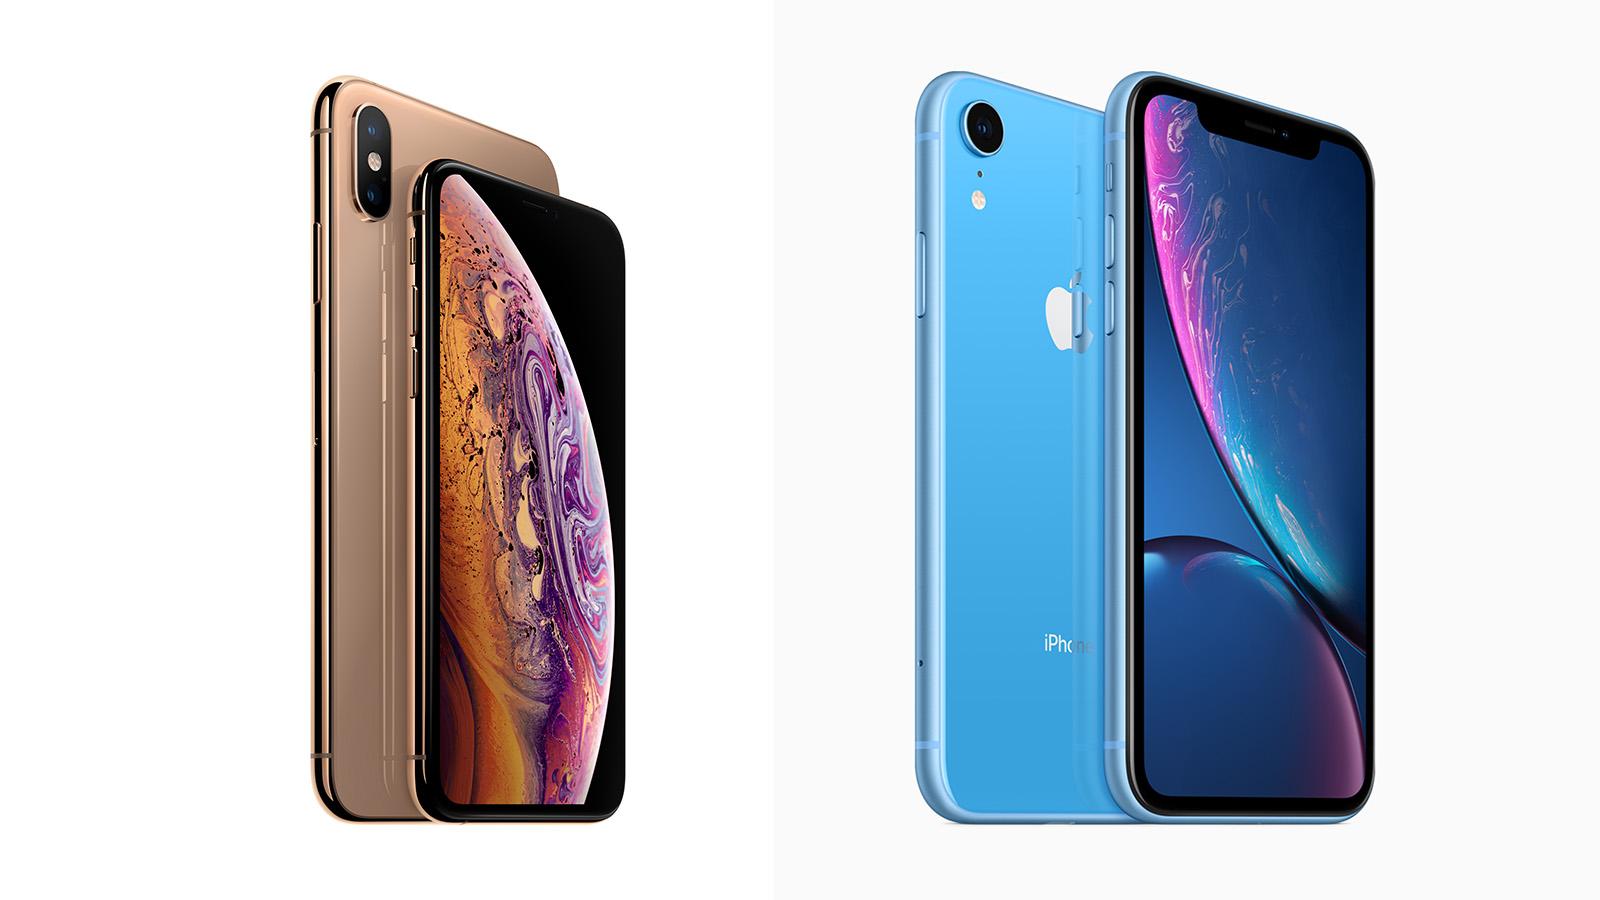 iPhone XS/XS Max/XRは買い?僕が注文したモデル・カラー・容量はコレだ!